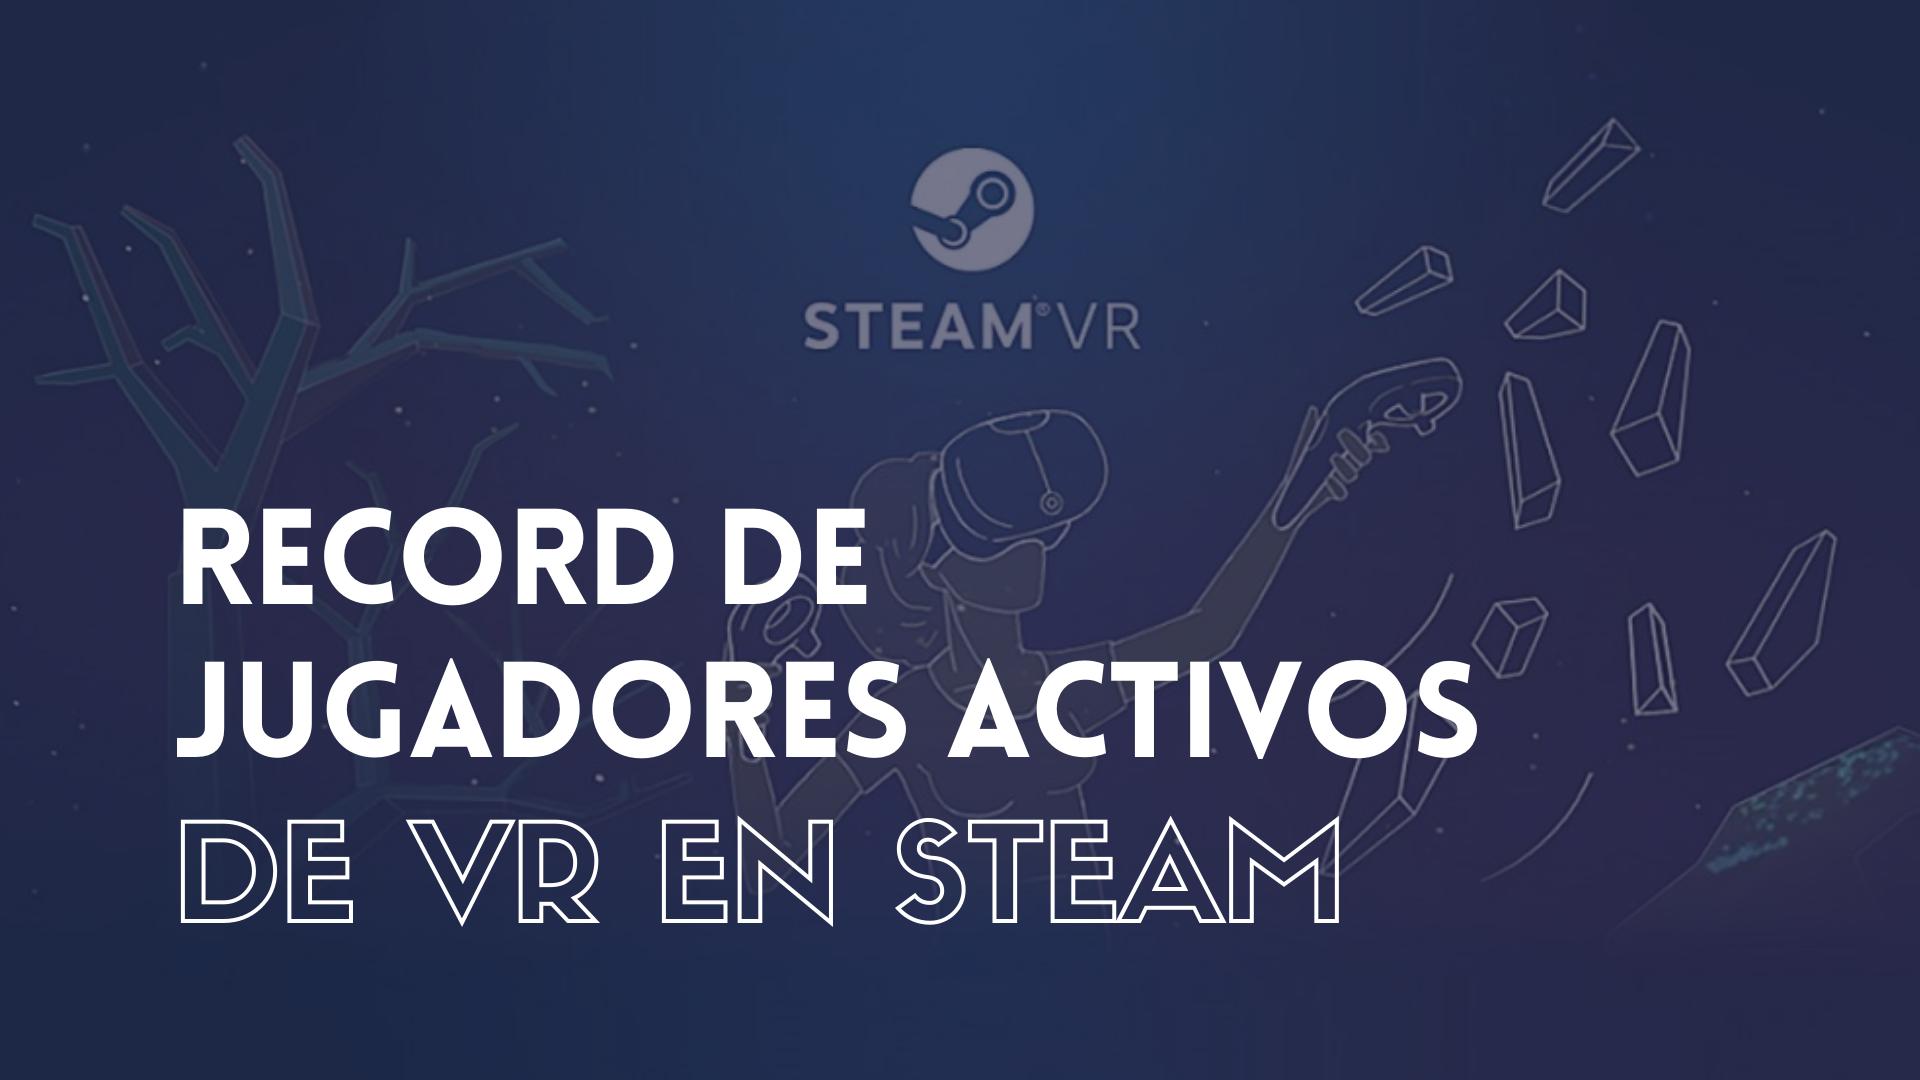 RECORD DE JUGADORES ACTIVOS DE VR EN STEAM